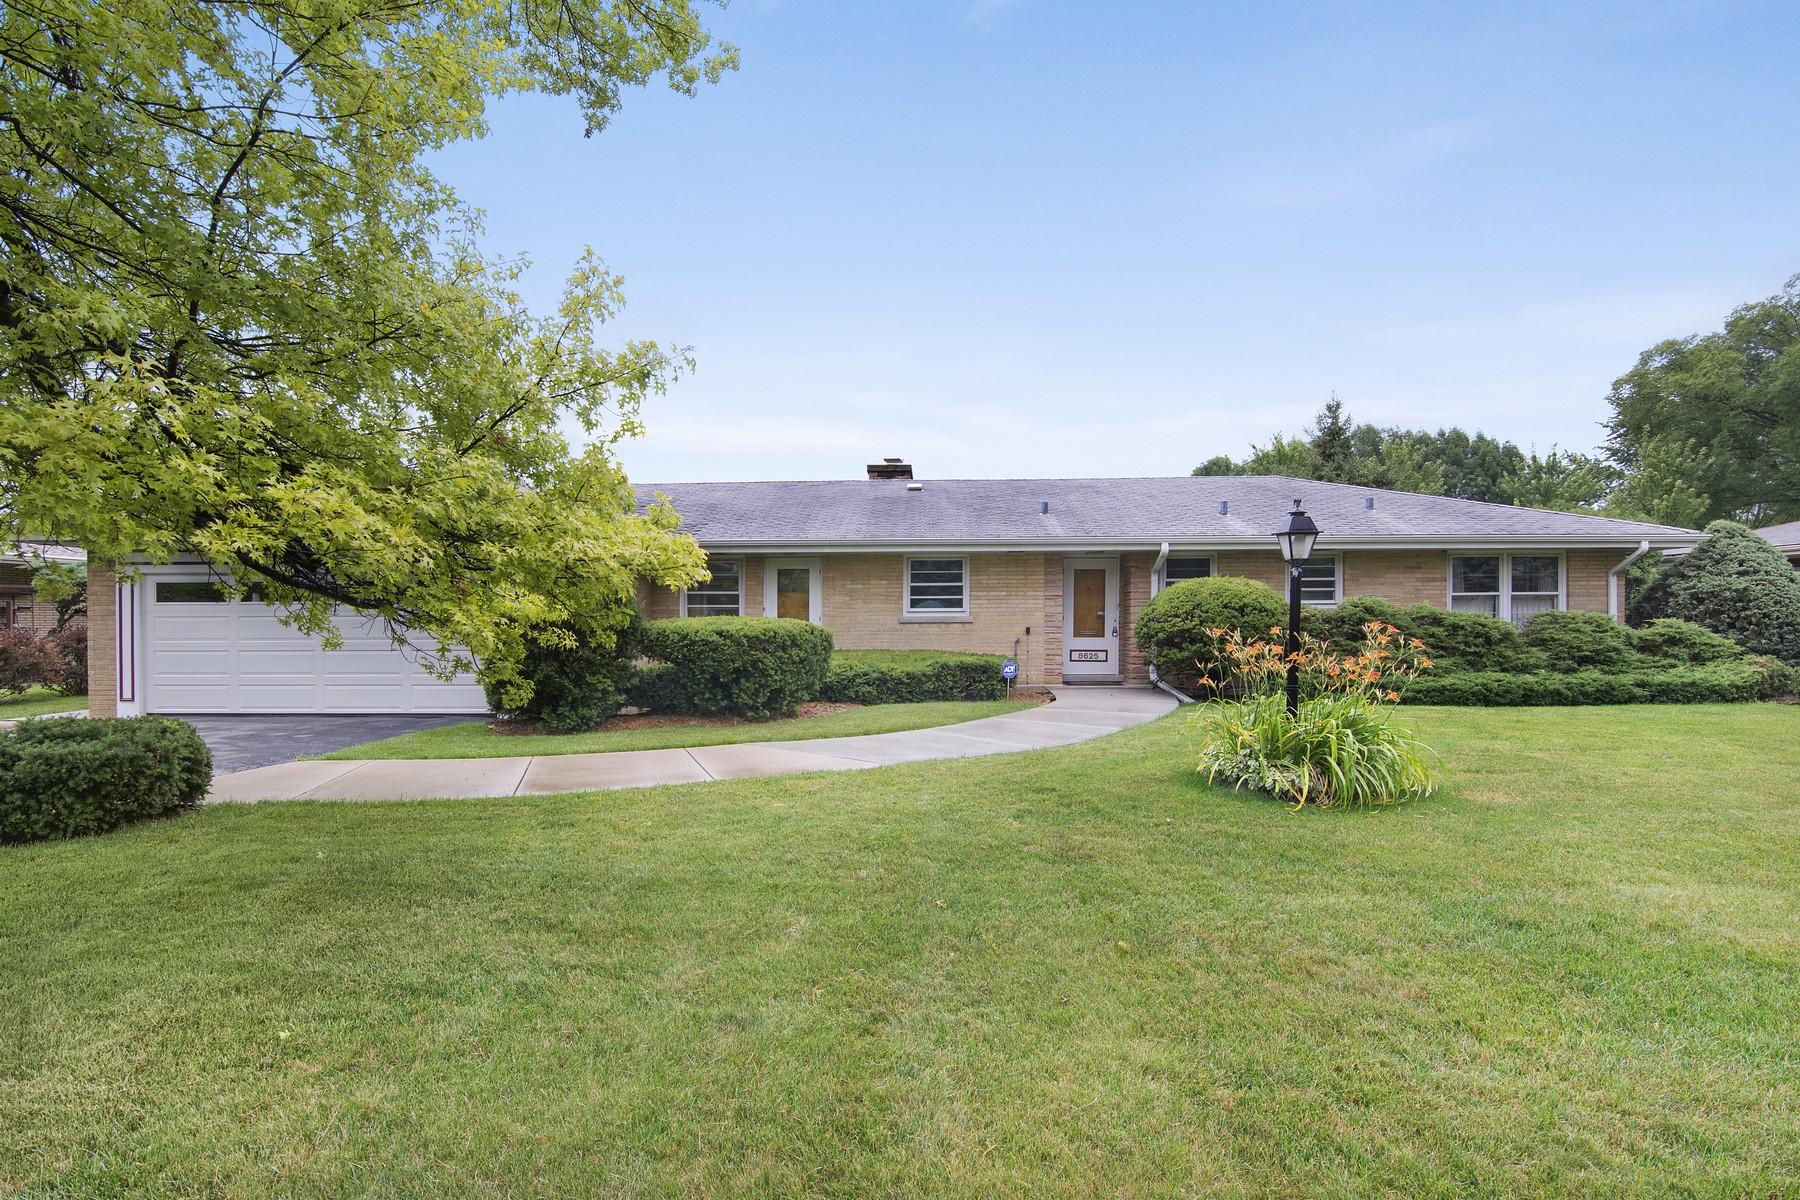 Casa para uma família para Venda às Lovely Ranch Home 8625 Skokie Boulevard Skokie, Illinois, 60077 Estados Unidos